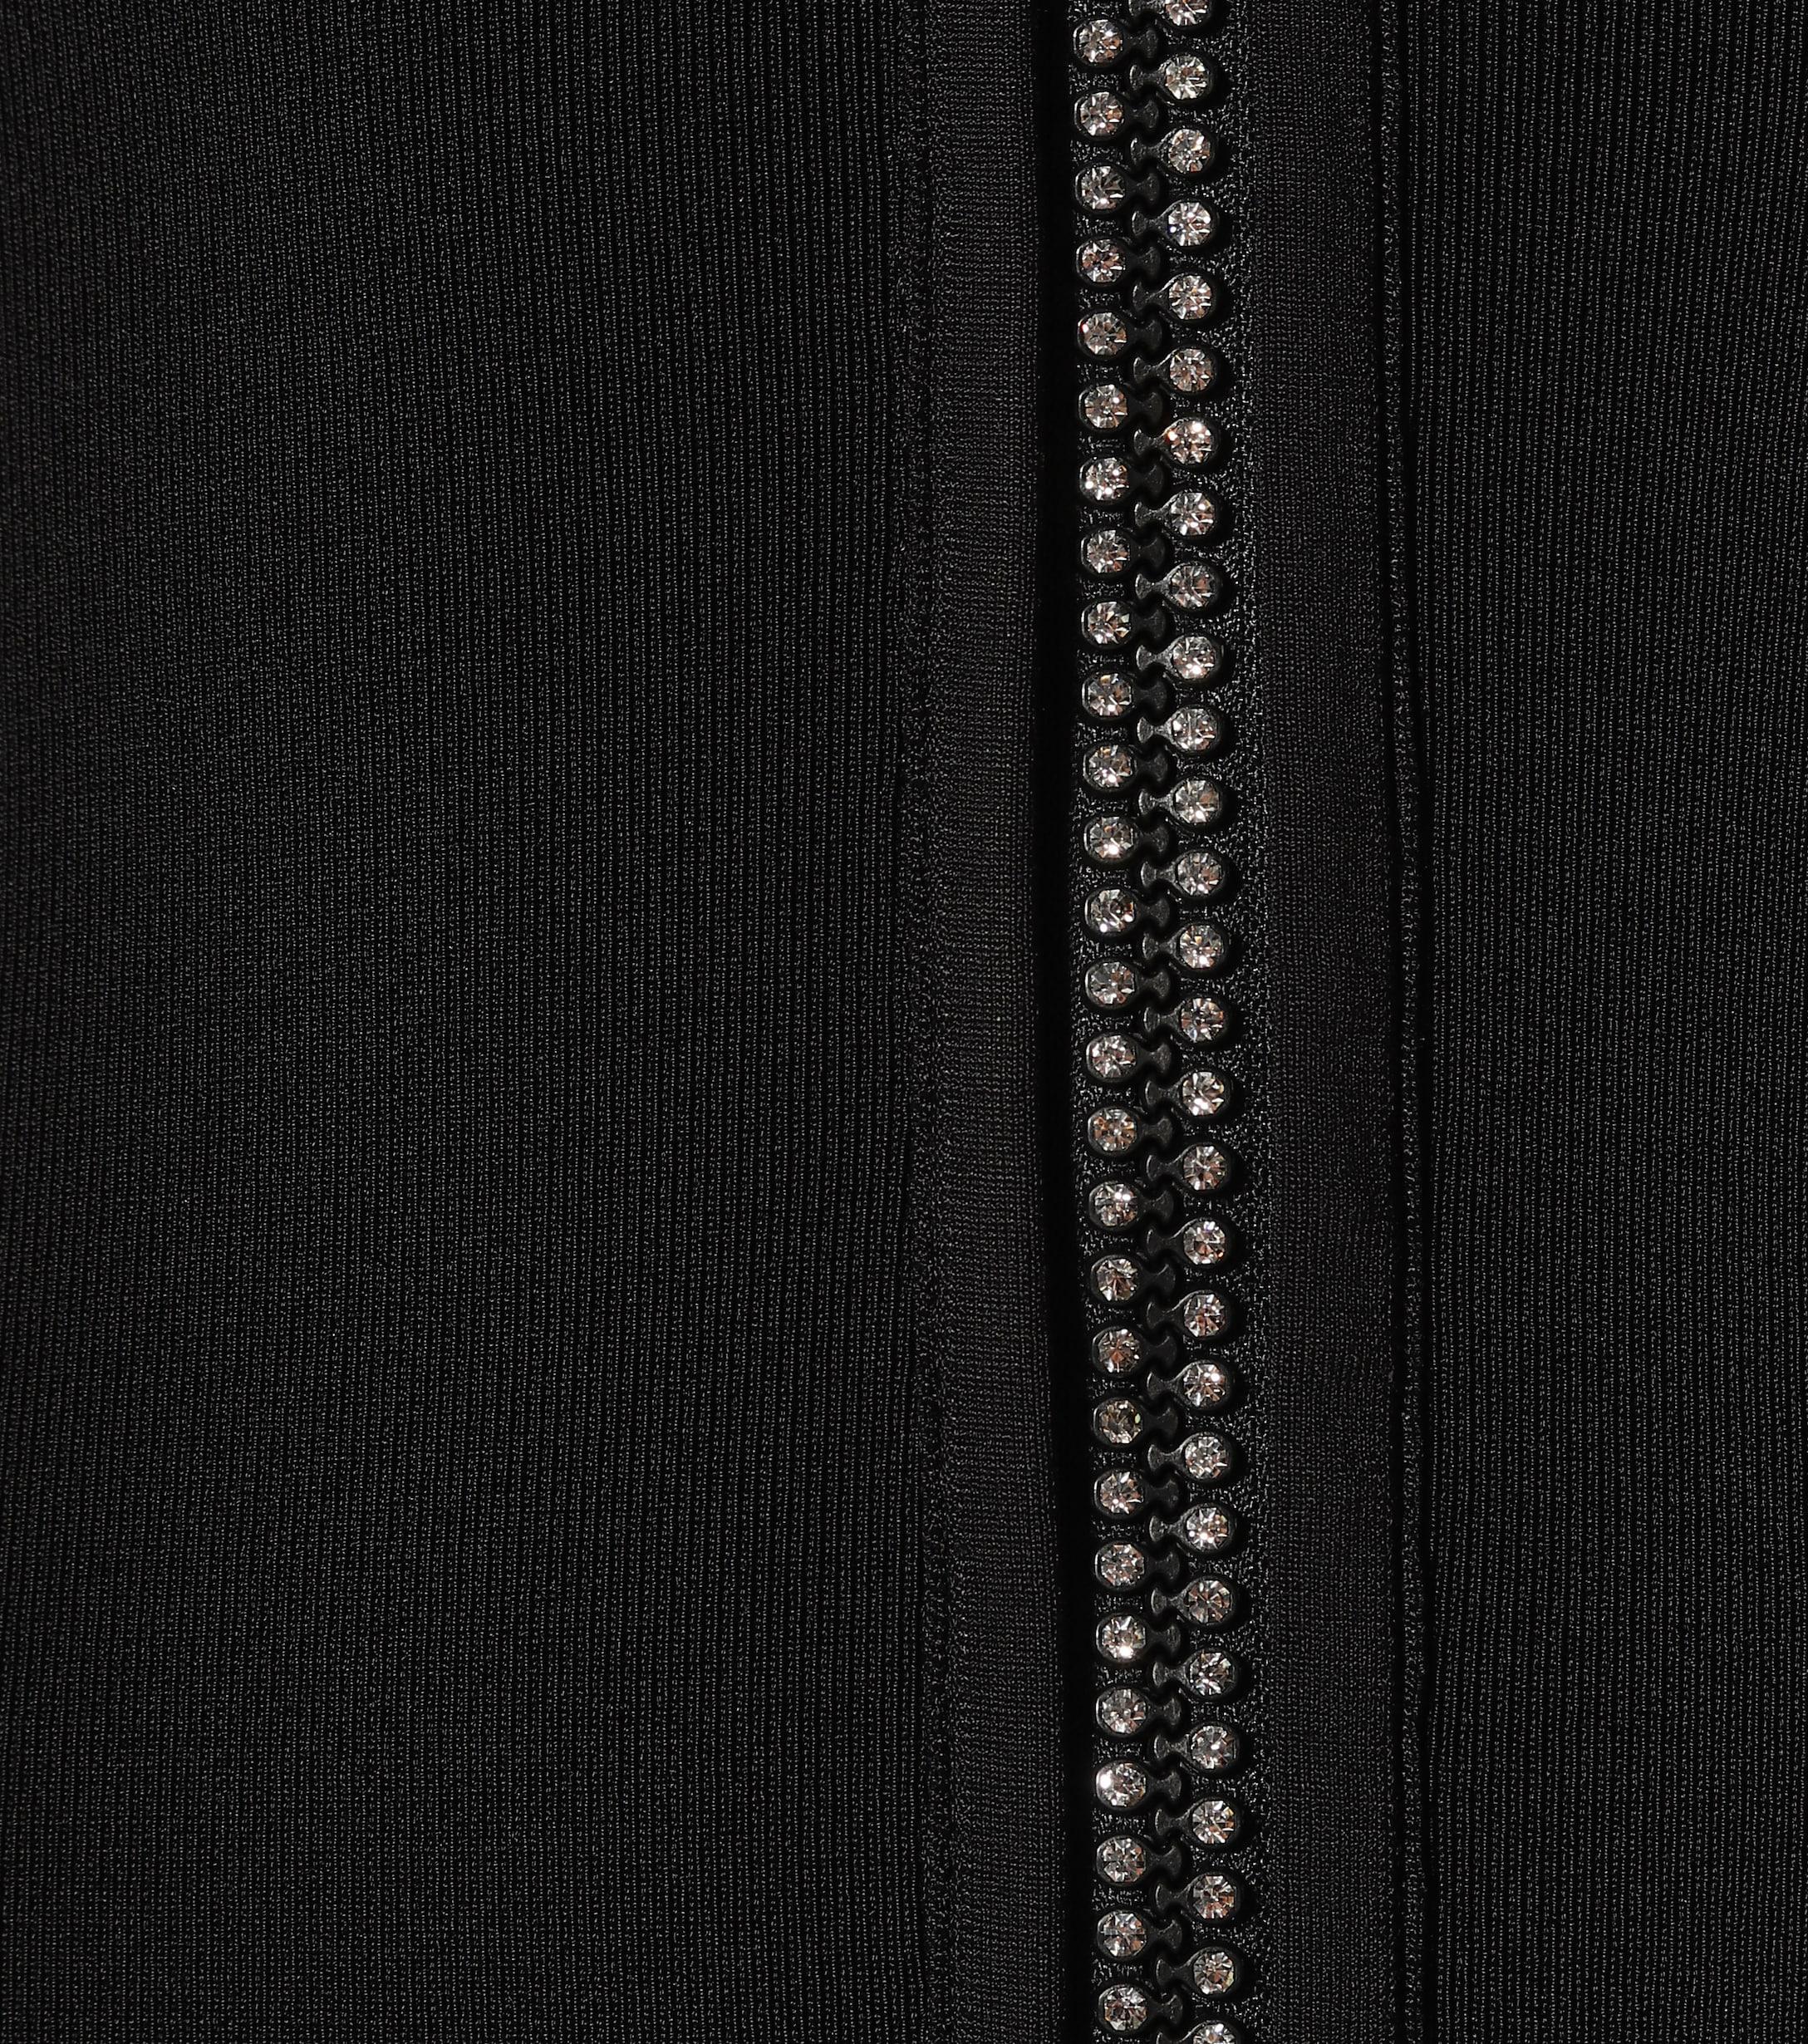 Vestido con detalles de cristales y cremallera David Koma de Tejido sintético de color Negro